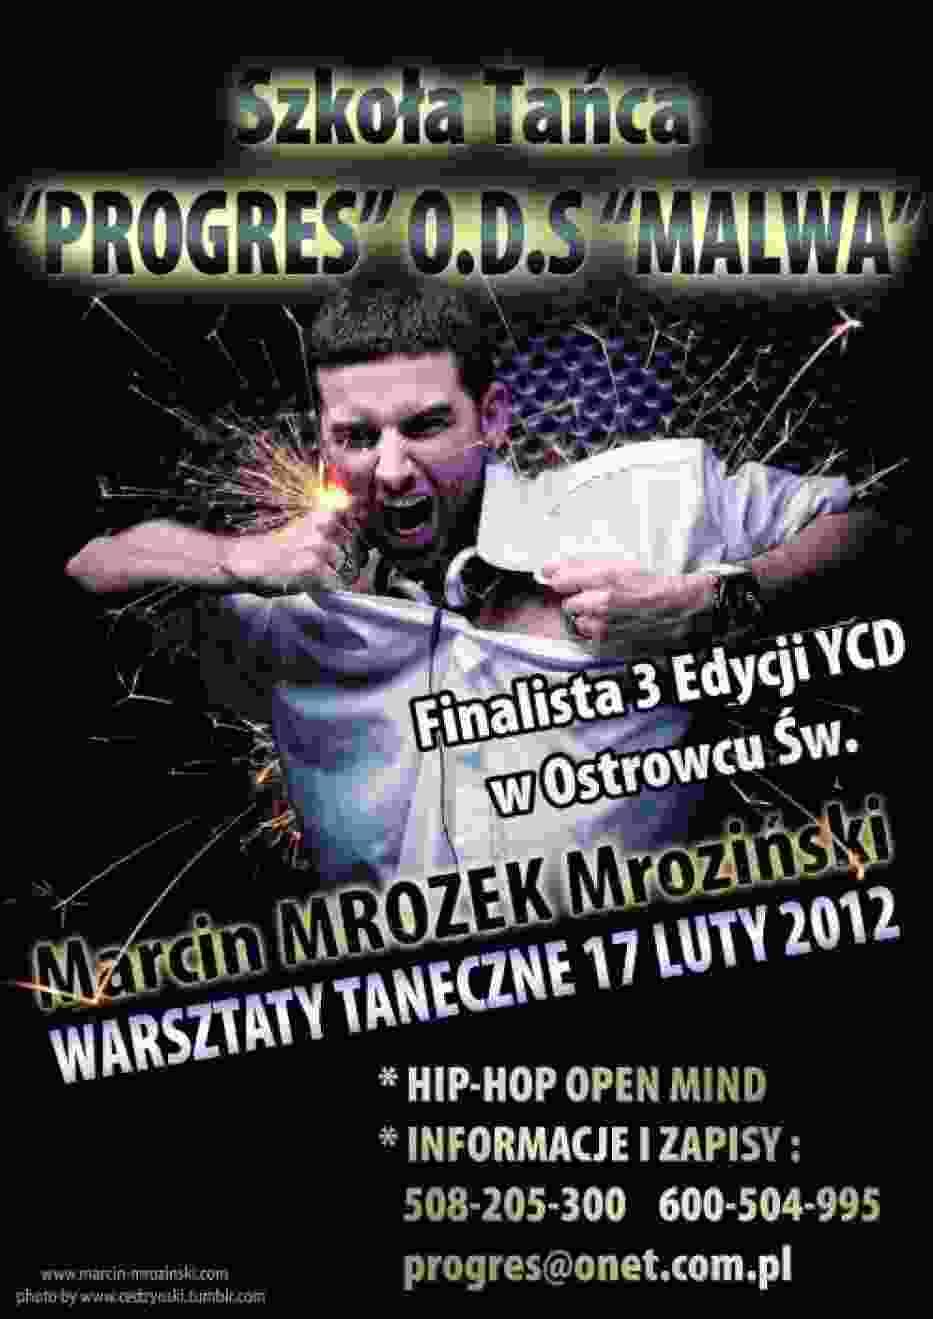 Plakat zapowiadający warsztaty prowadzone przez Marcina Mrozińskiego